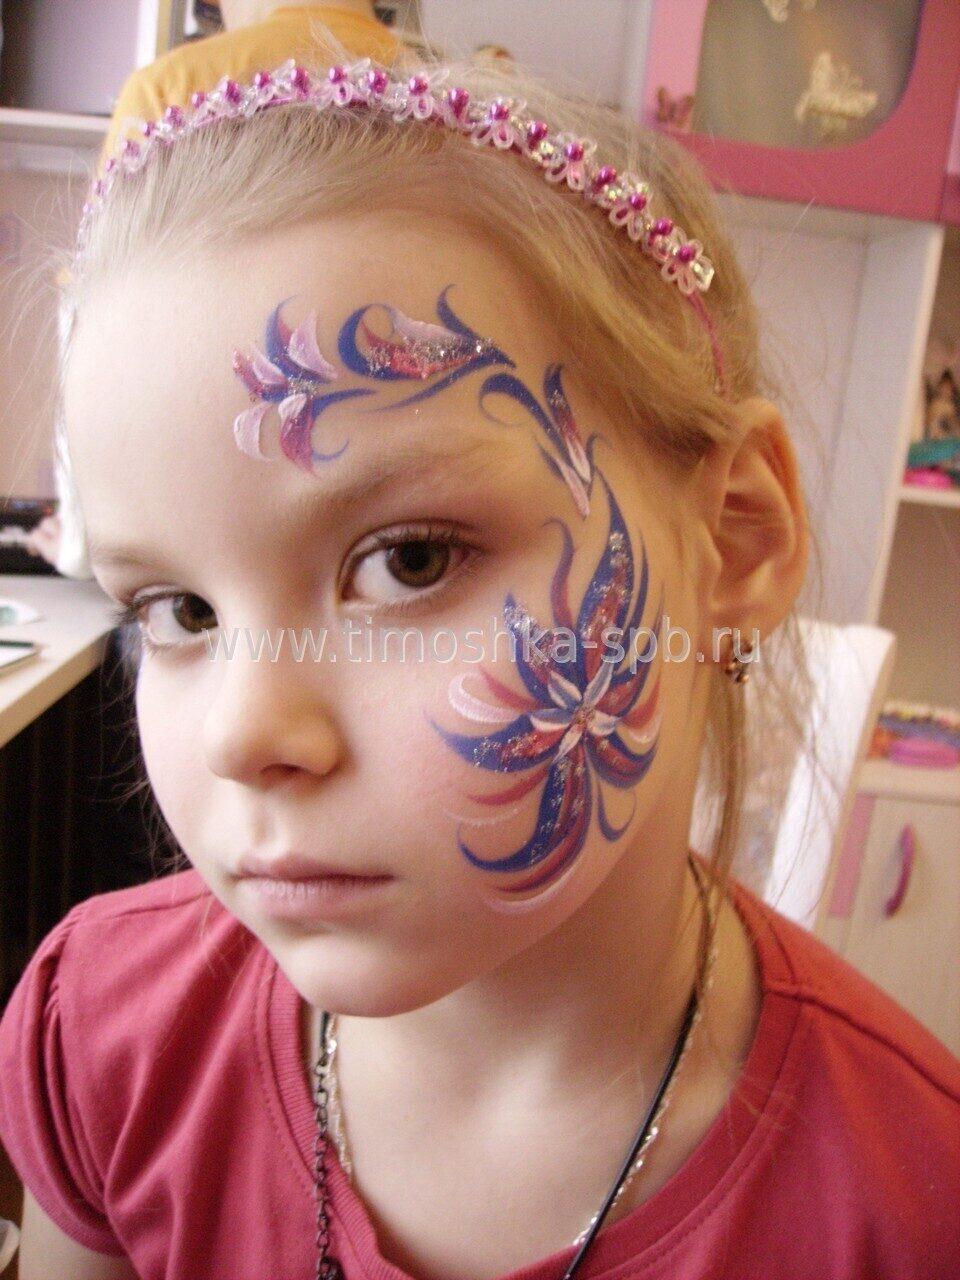 Рисунки цветов на лице фото